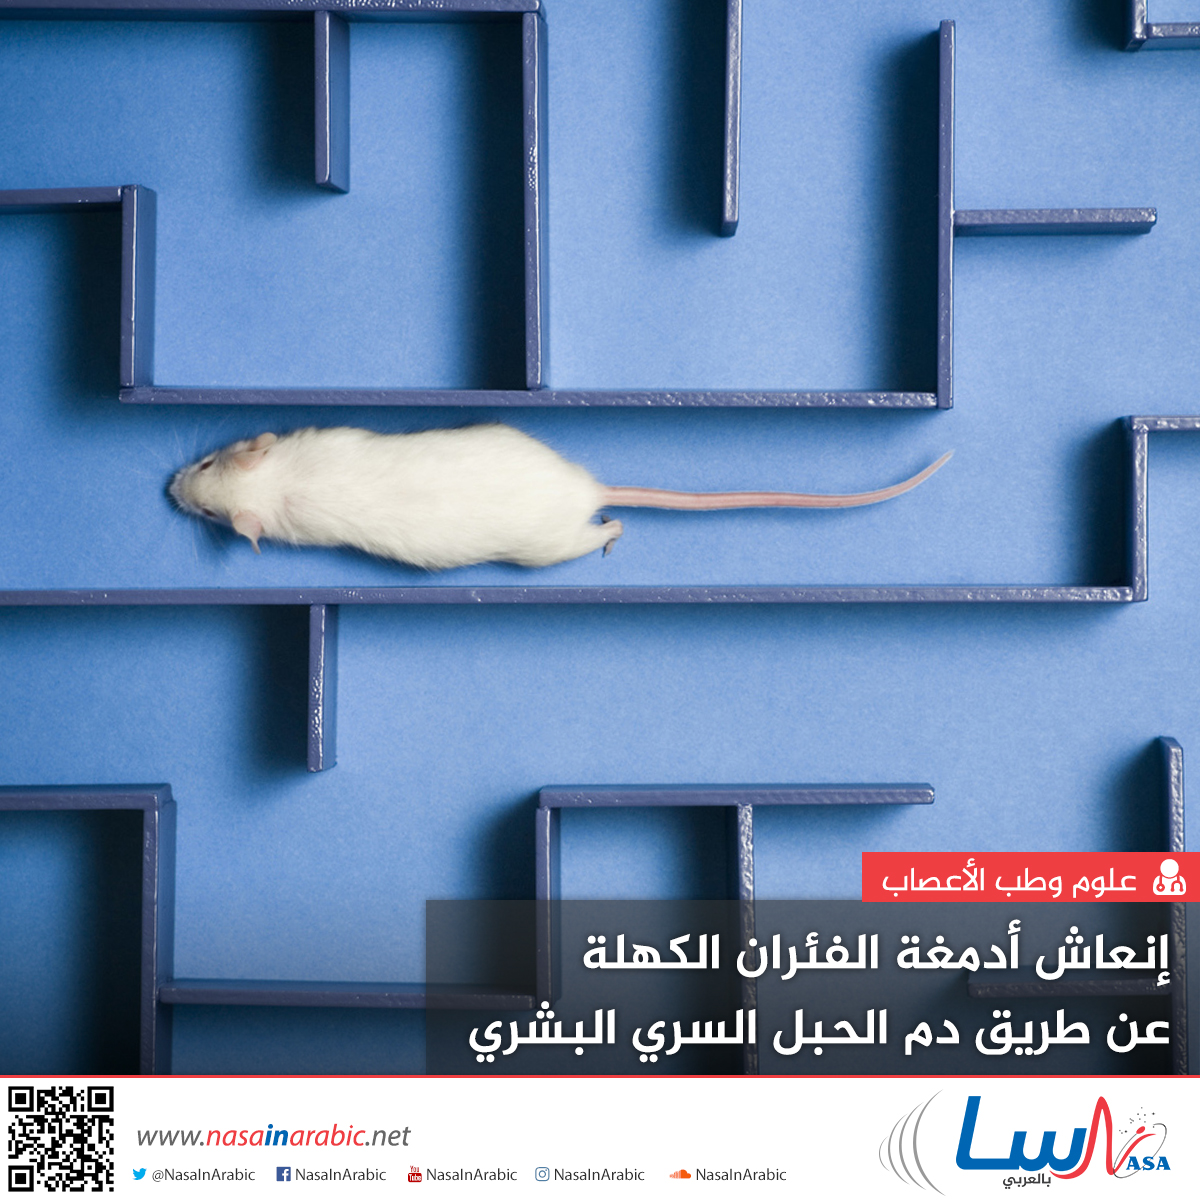 إنعاش أدمغة الفئران الكهلة عن طريق دم الحبل السري البشري